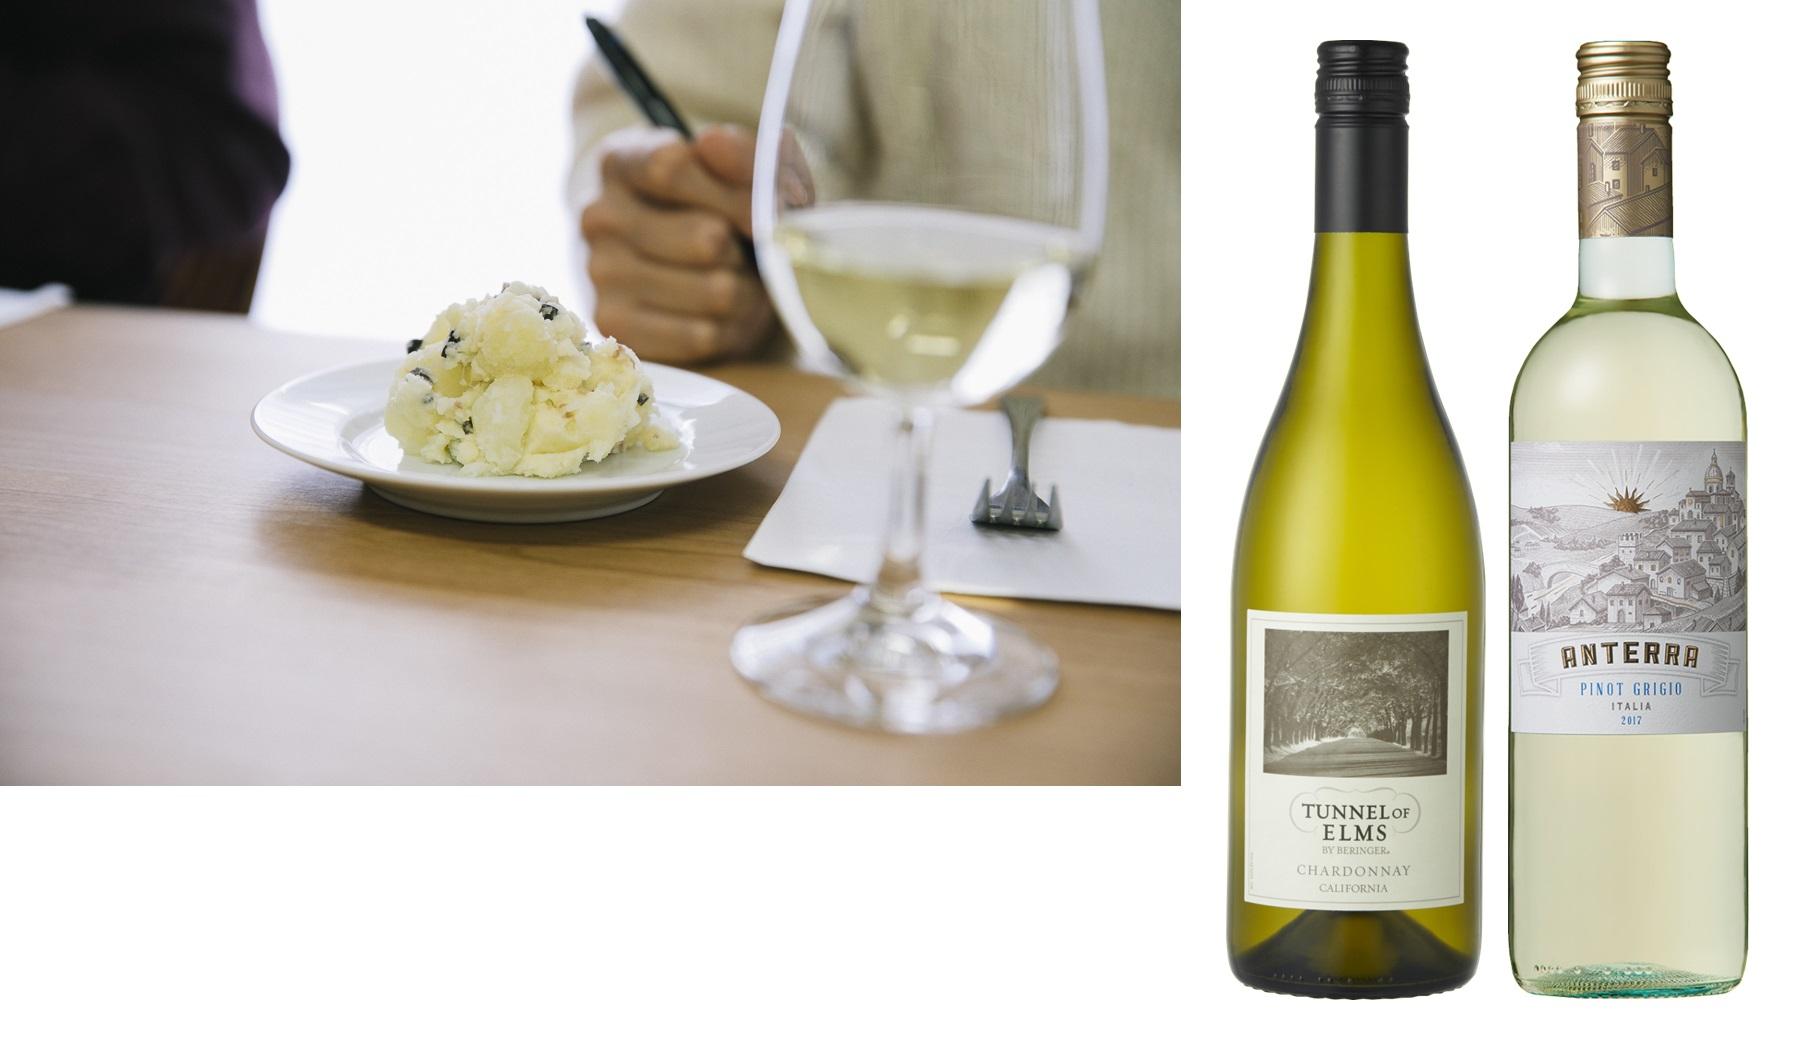 日本ポテトサラダ協会公認の塩味(アンチョビ)系ポテトサラダに合うベストワイン2アイテムのワインボトルと選定の様子